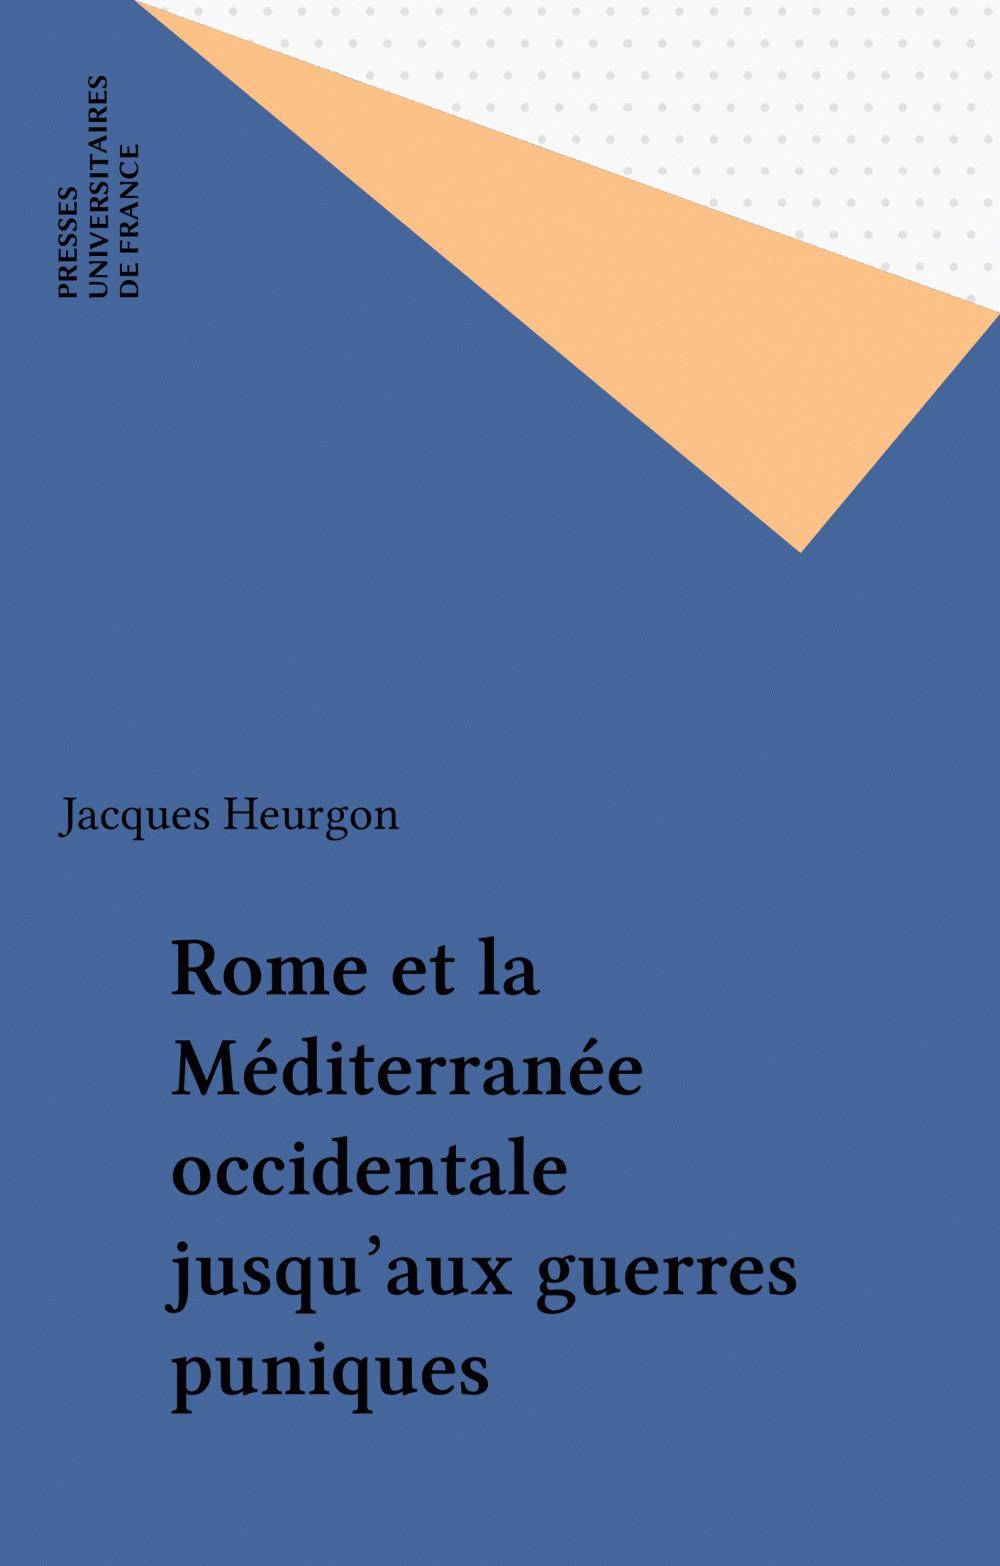 Rome et la Méditerranée occidentale jusqu'aux guerres puniques